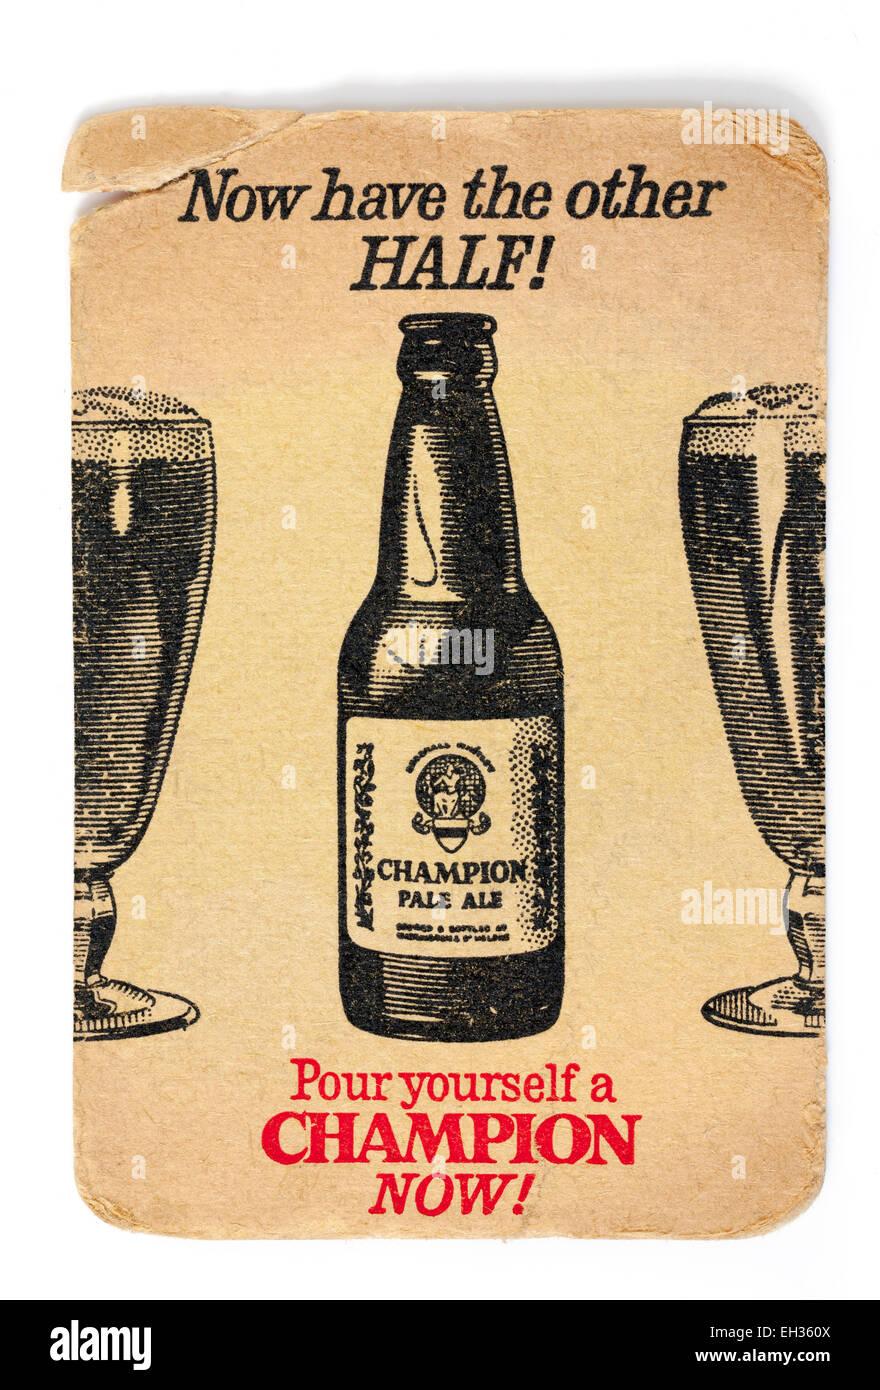 Vintage British Beermat Advertising Champion Pale Ale Beer - Stock Image